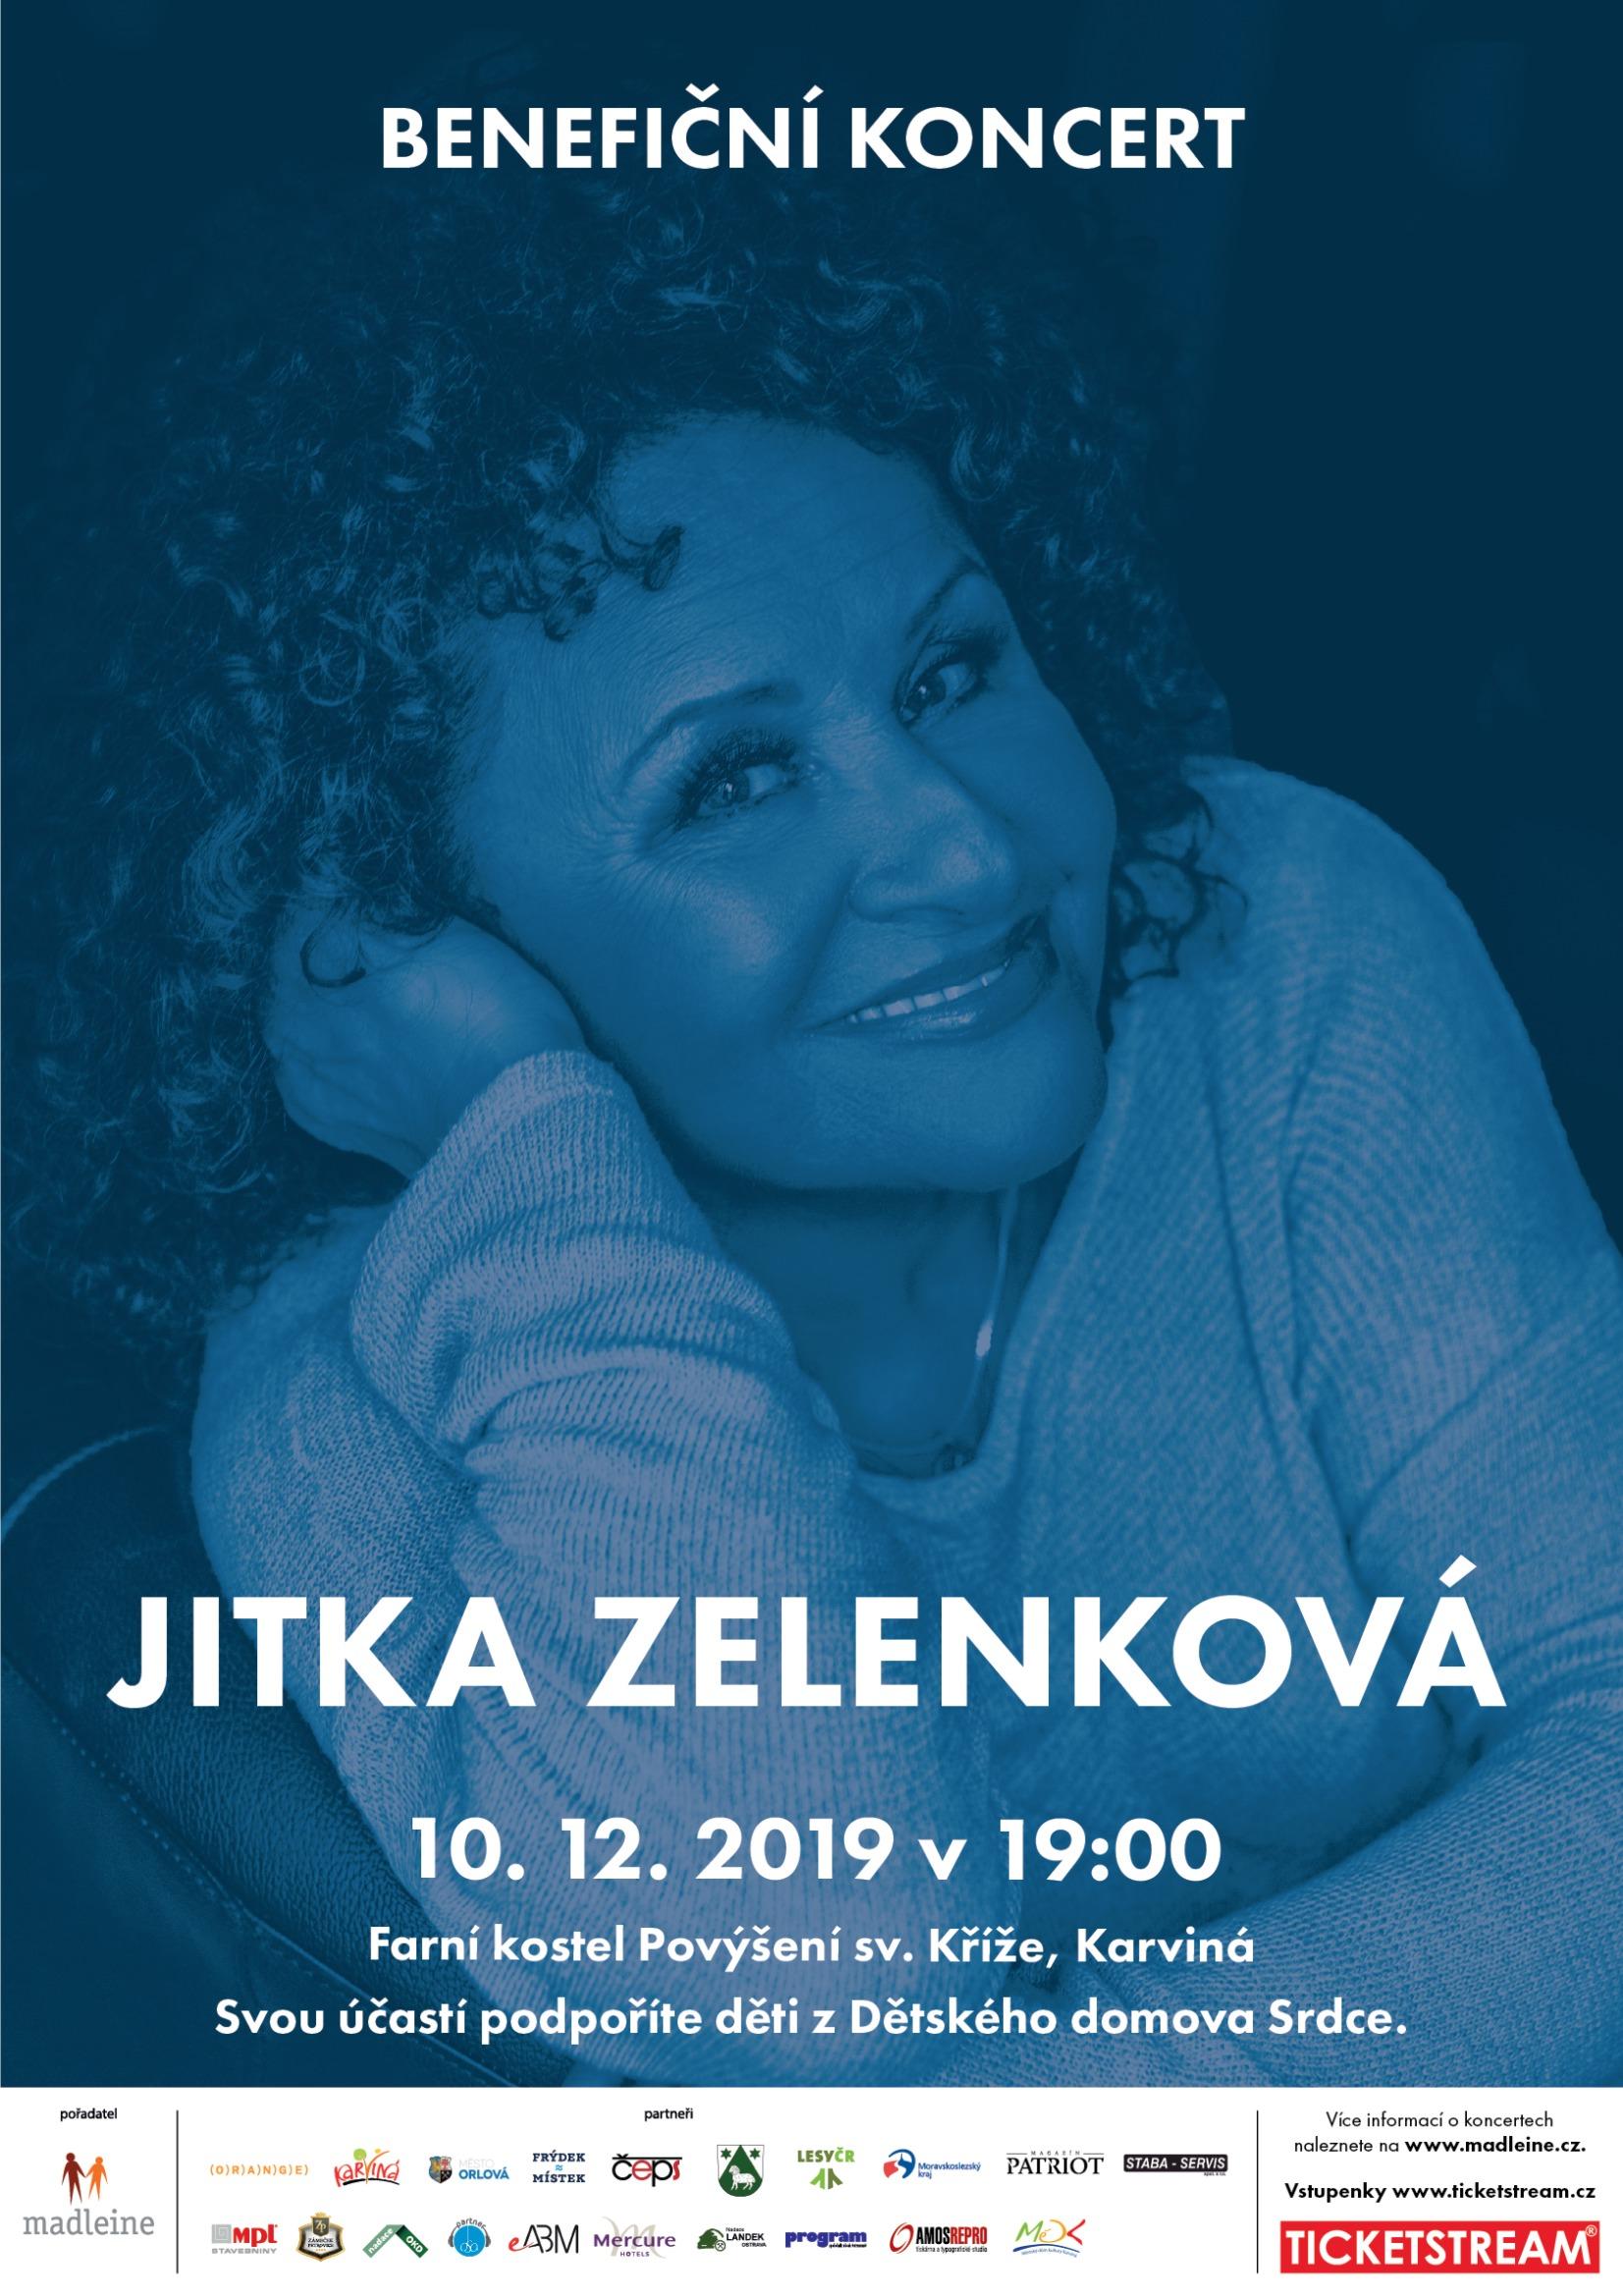 3938-zelenkova-10-12-charita.jpg